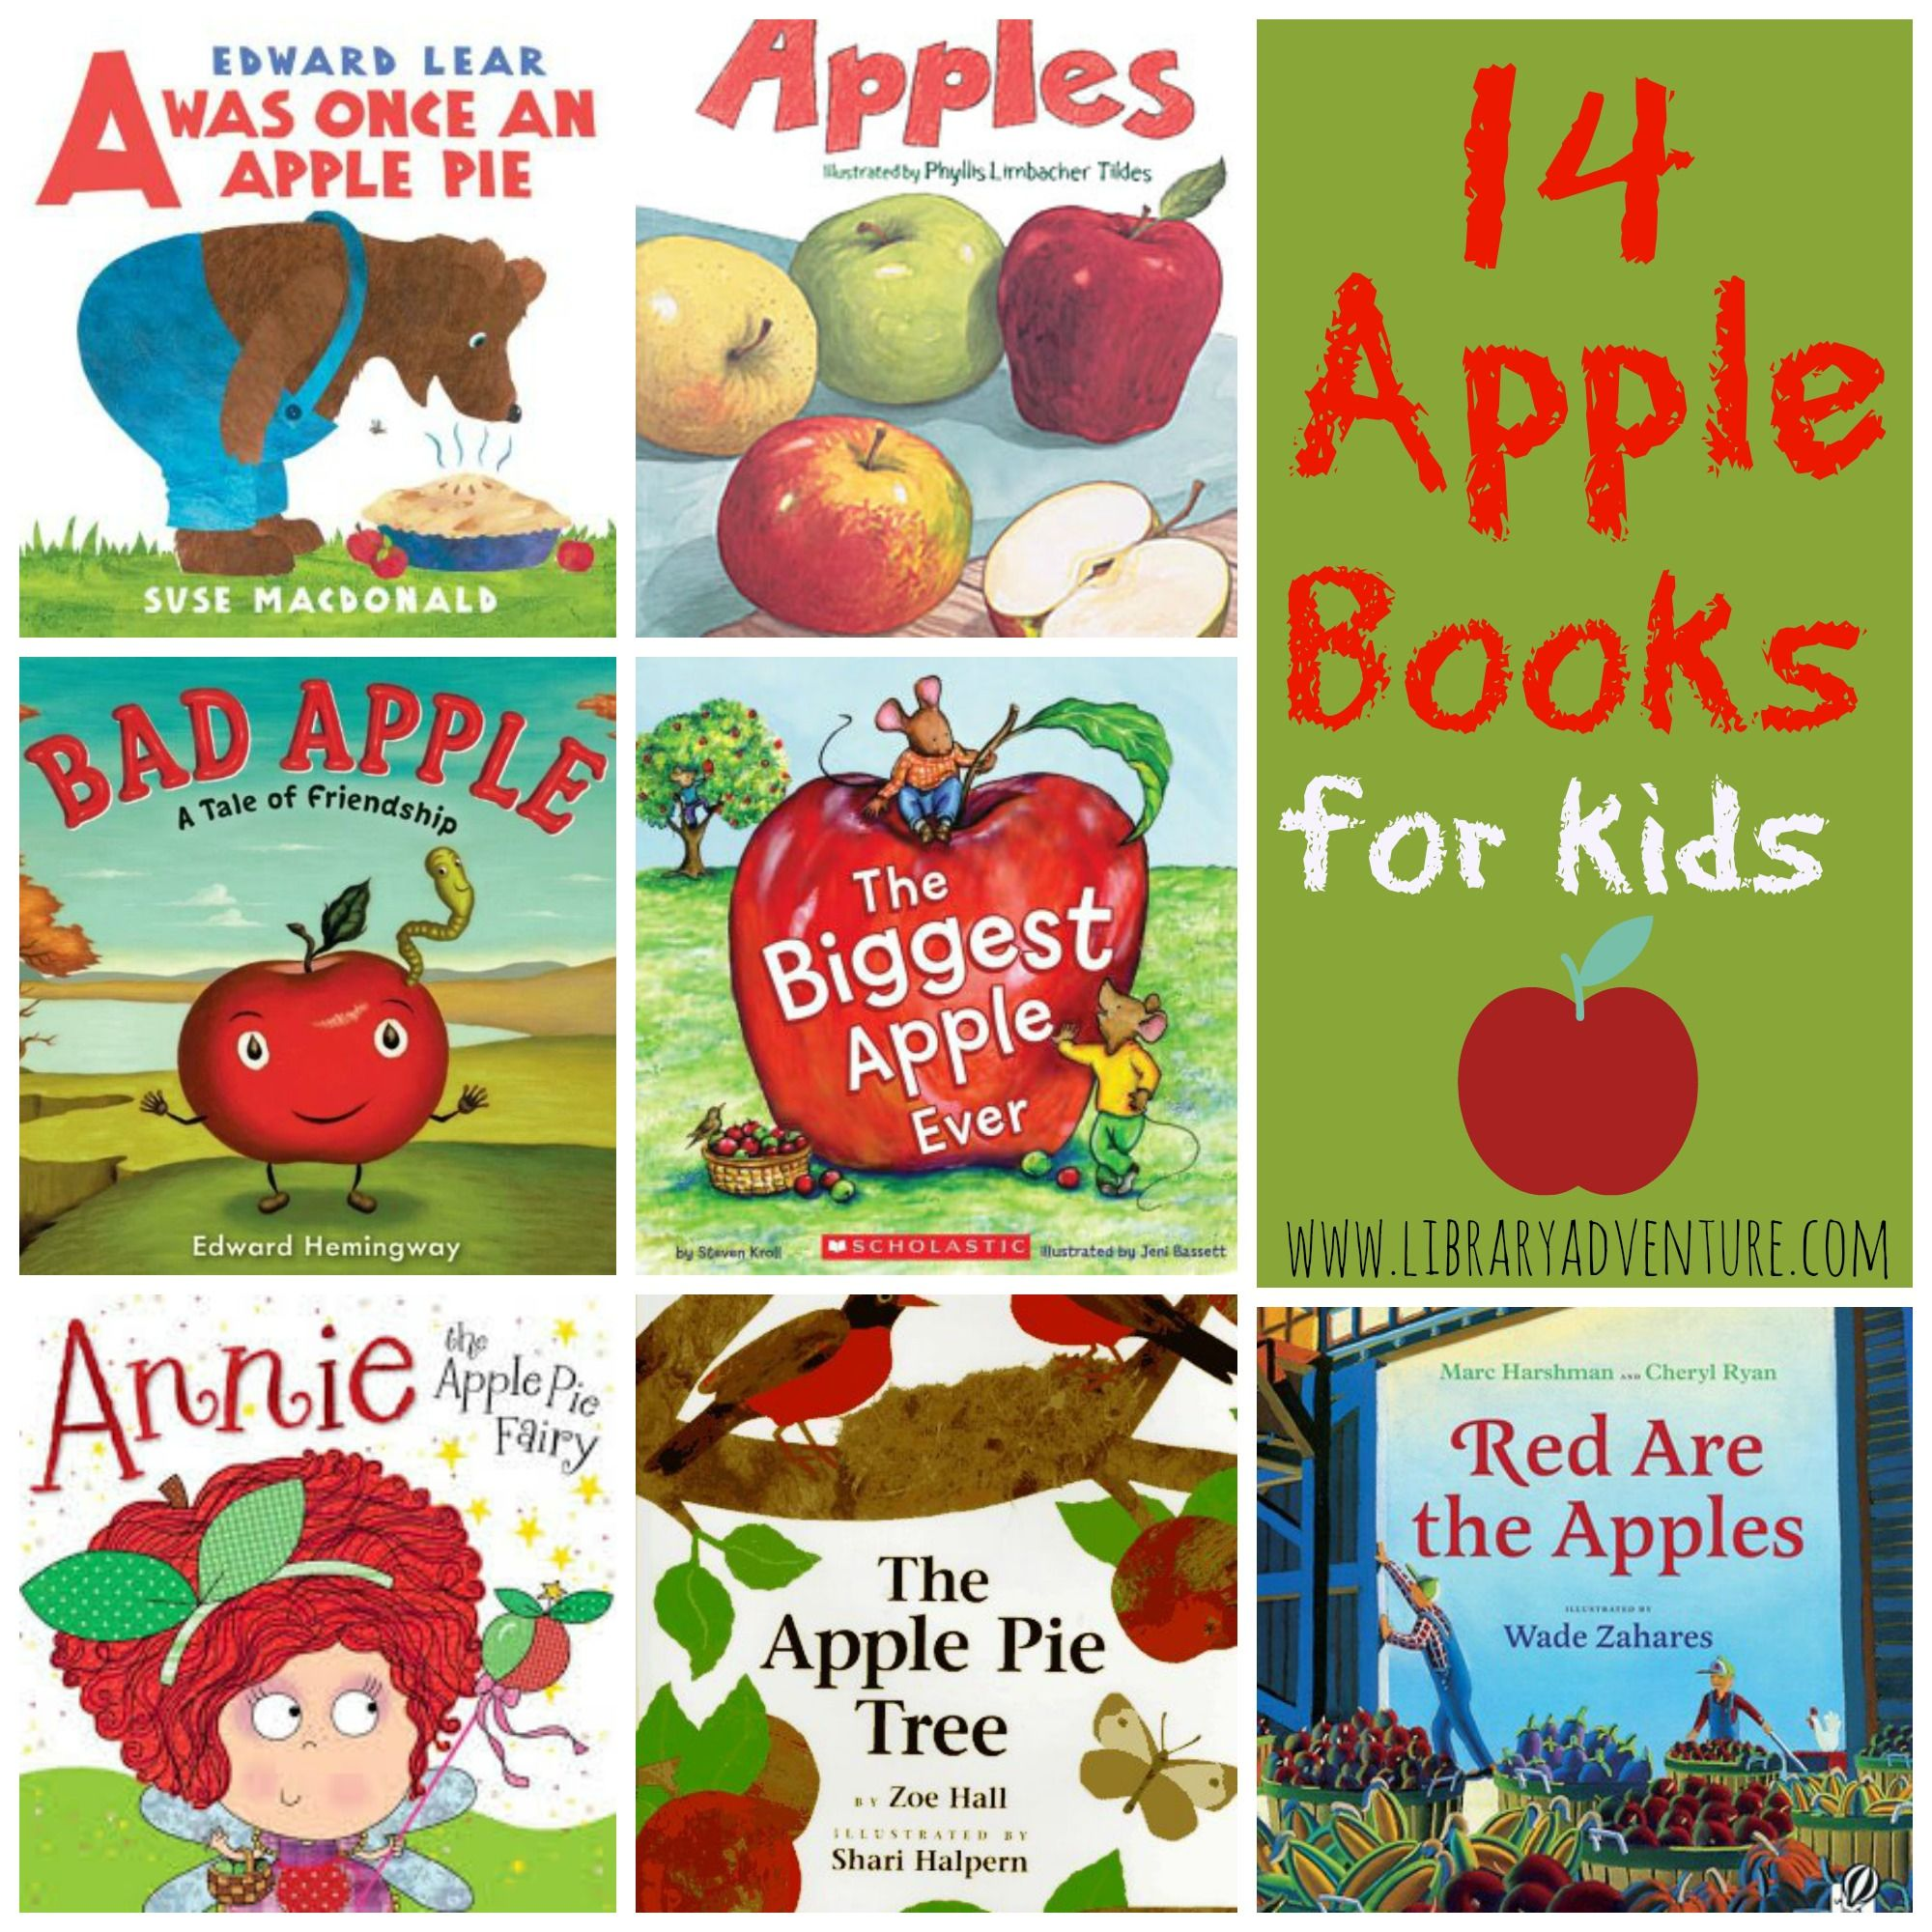 14 Apple Books For Kids